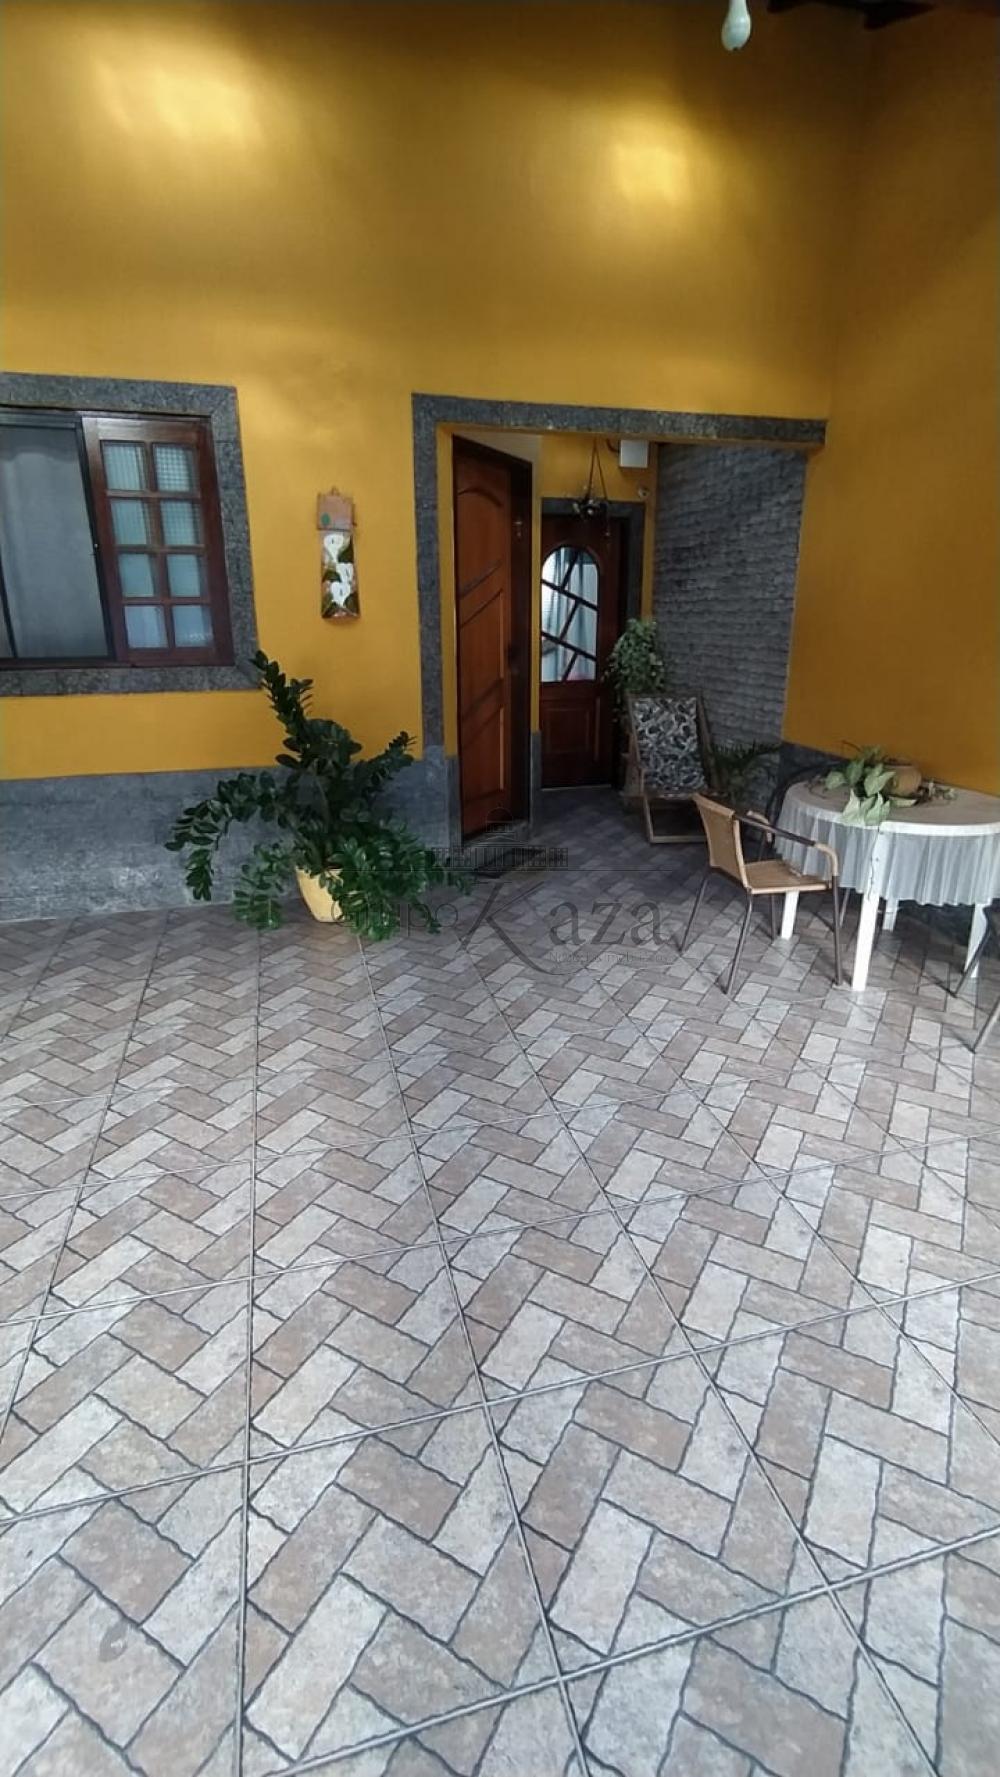 Comprar Casa / Padrão em São José dos Campos R$ 415.000,00 - Foto 20